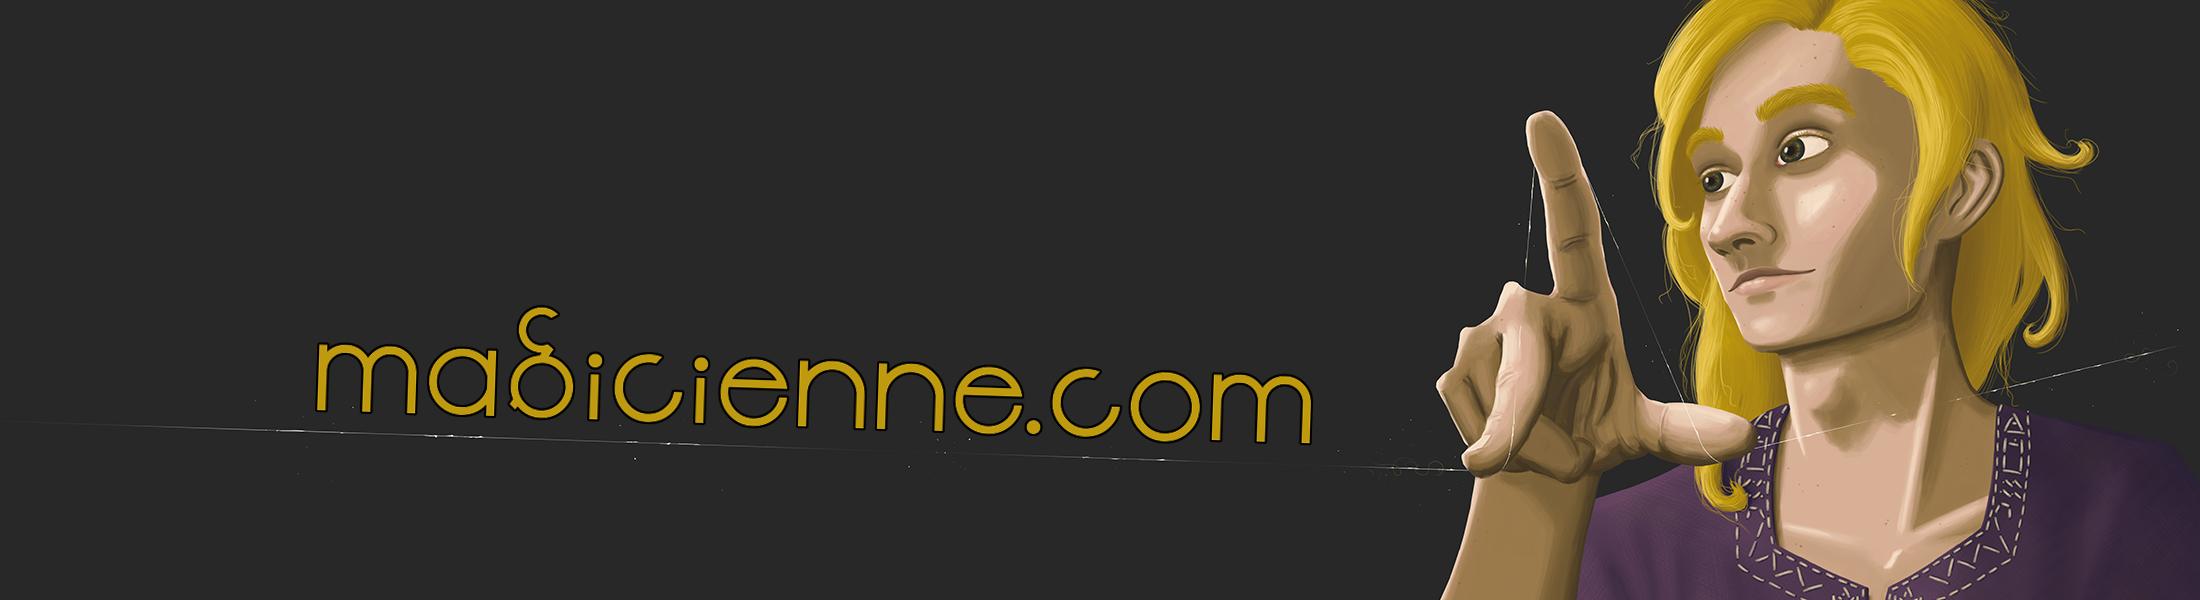 madicienne.com